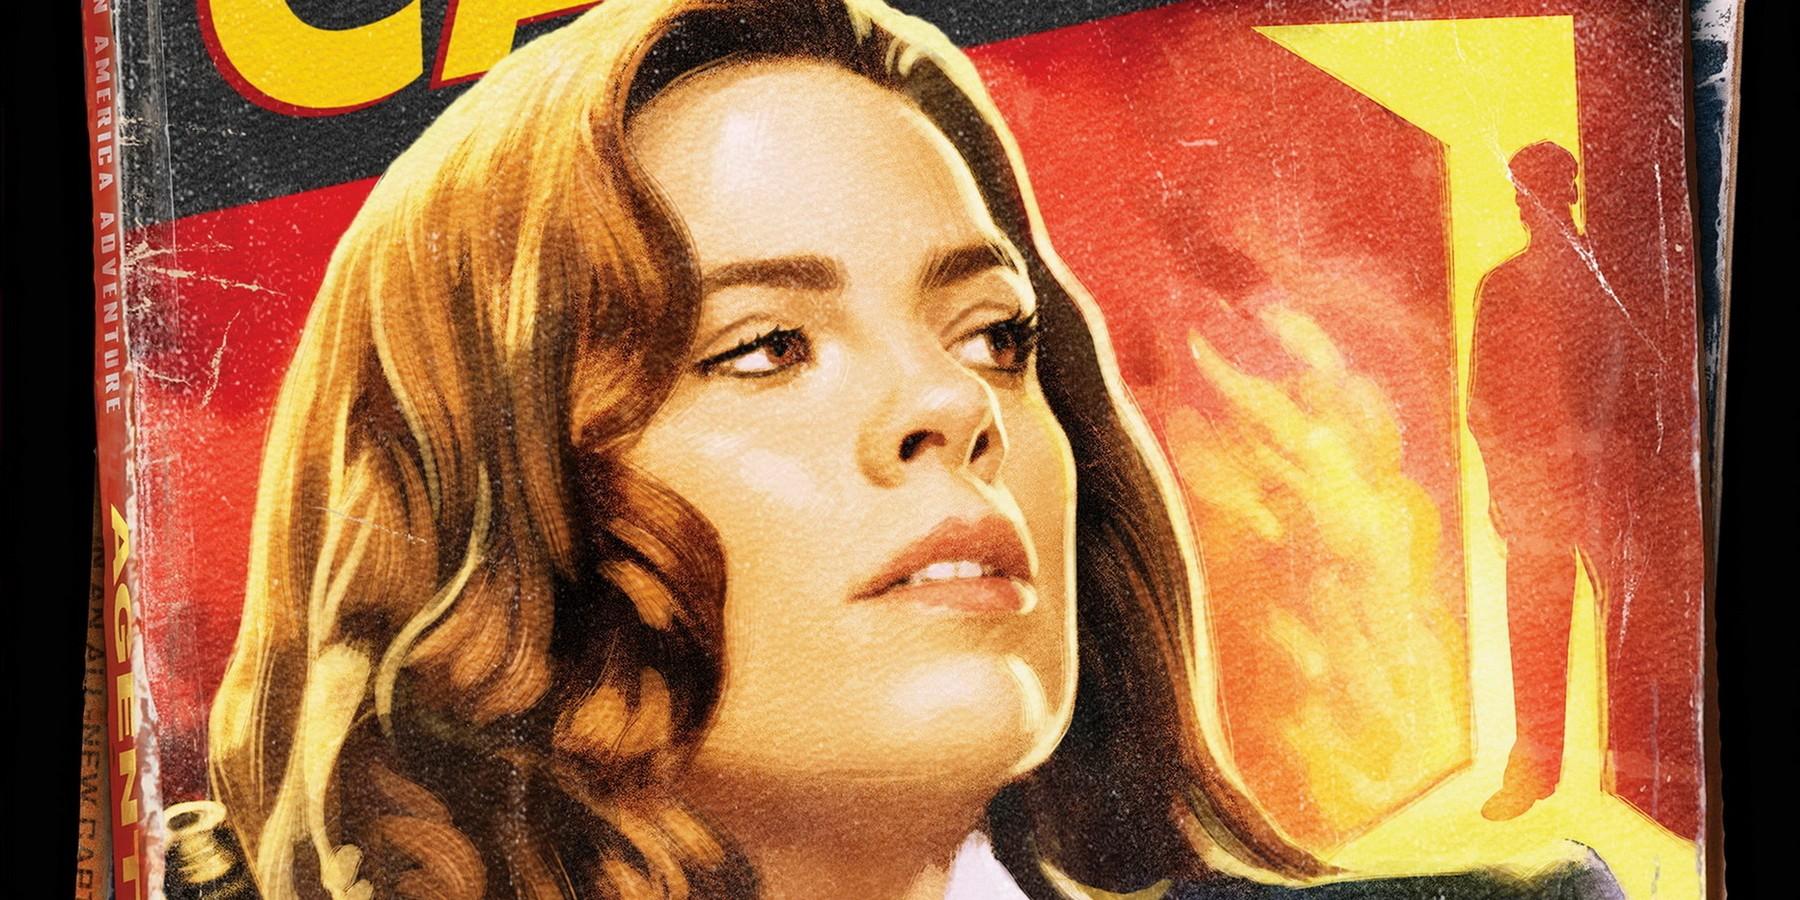 Marvel One Shot Agent Carter poster